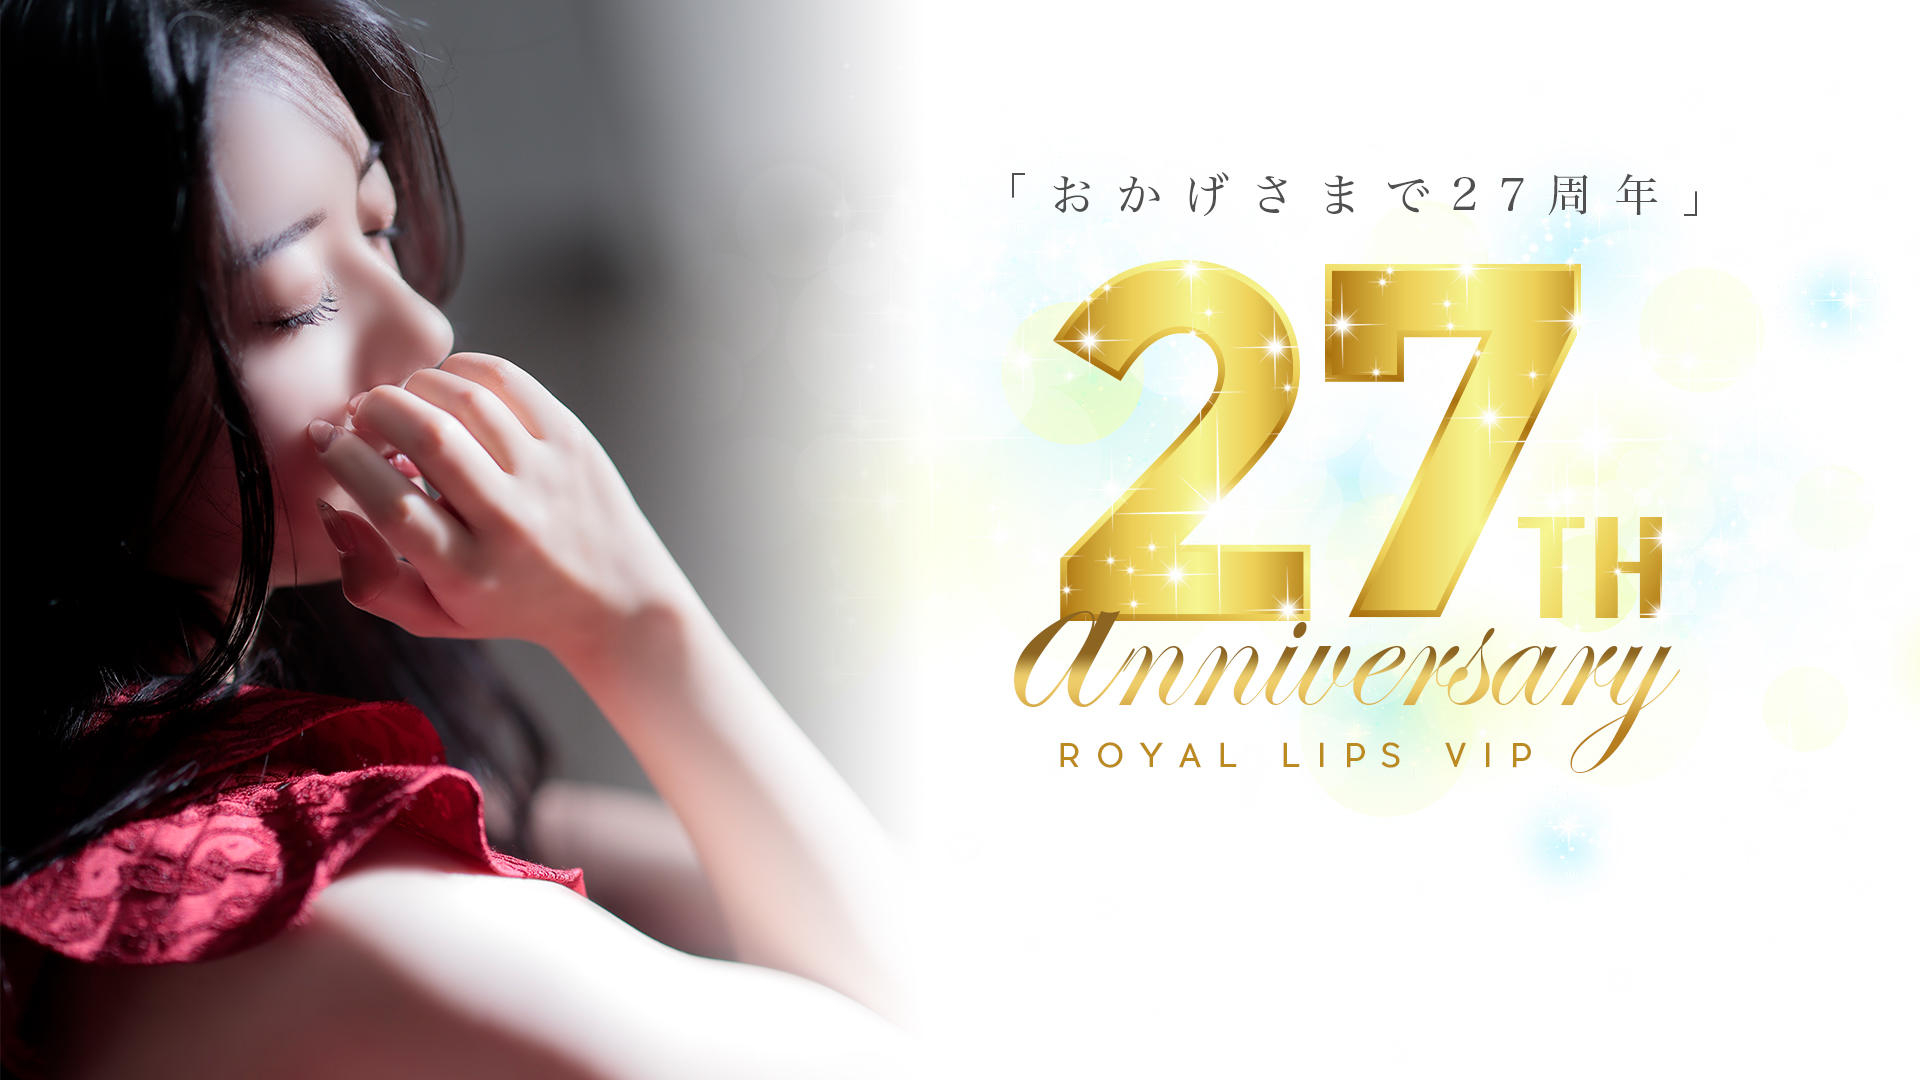 中洲風俗 トクヨク・ヘルス【ロイヤルリップスVIP - Royal Lips VIP -】